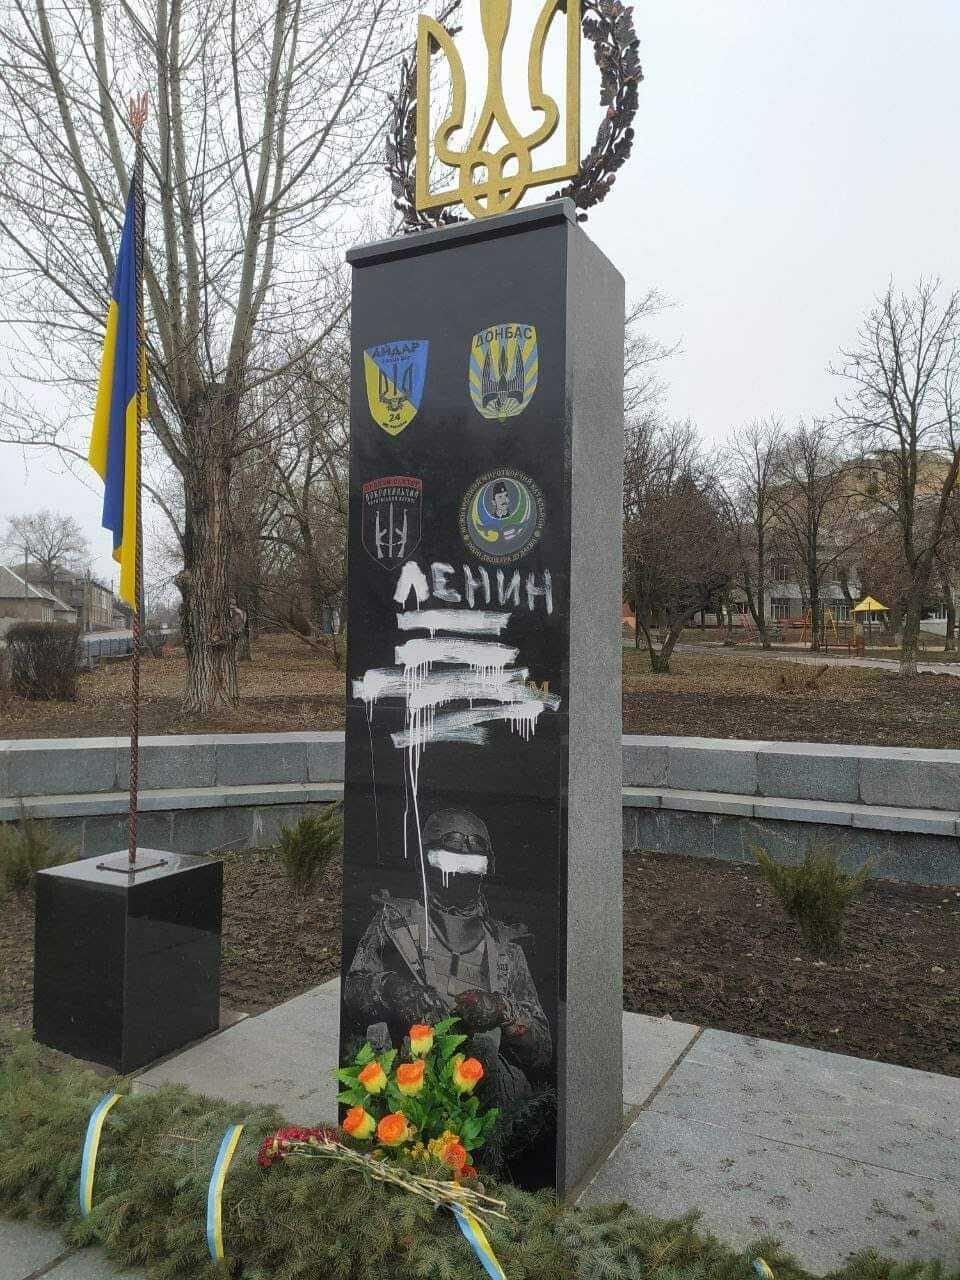 Вандалы осквернили памятник.